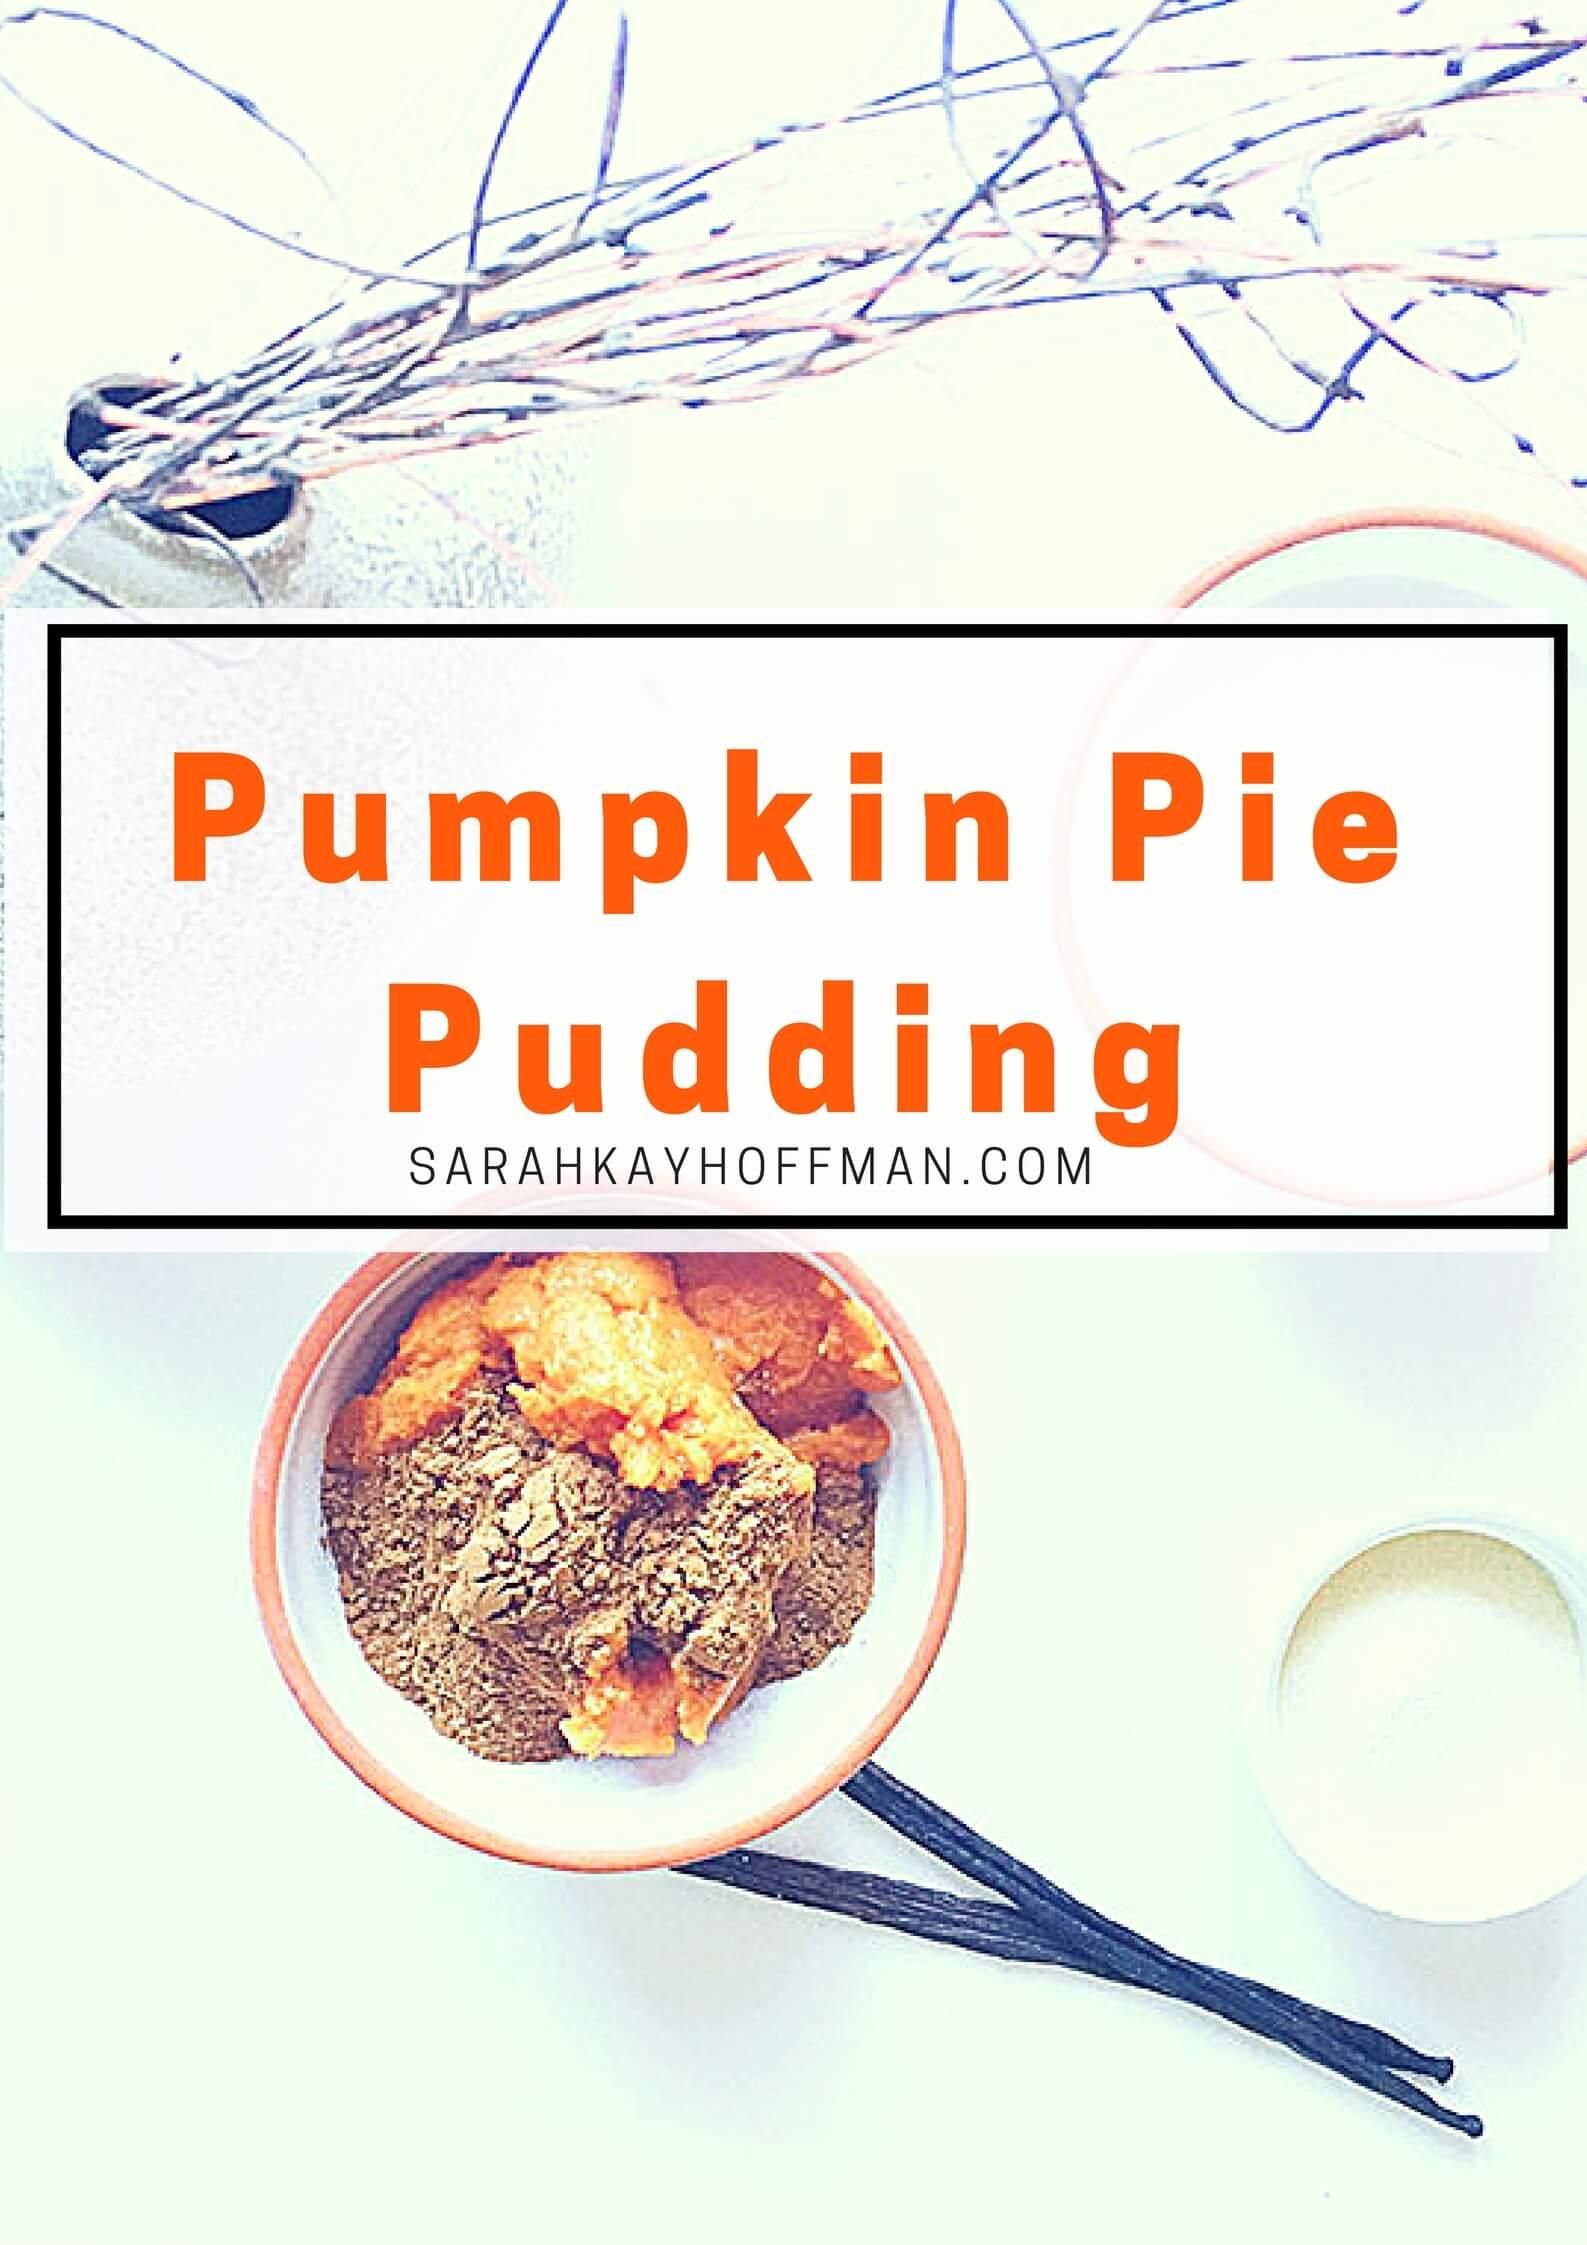 Pumpkin Pie Pudding sarahkayhoffman.com